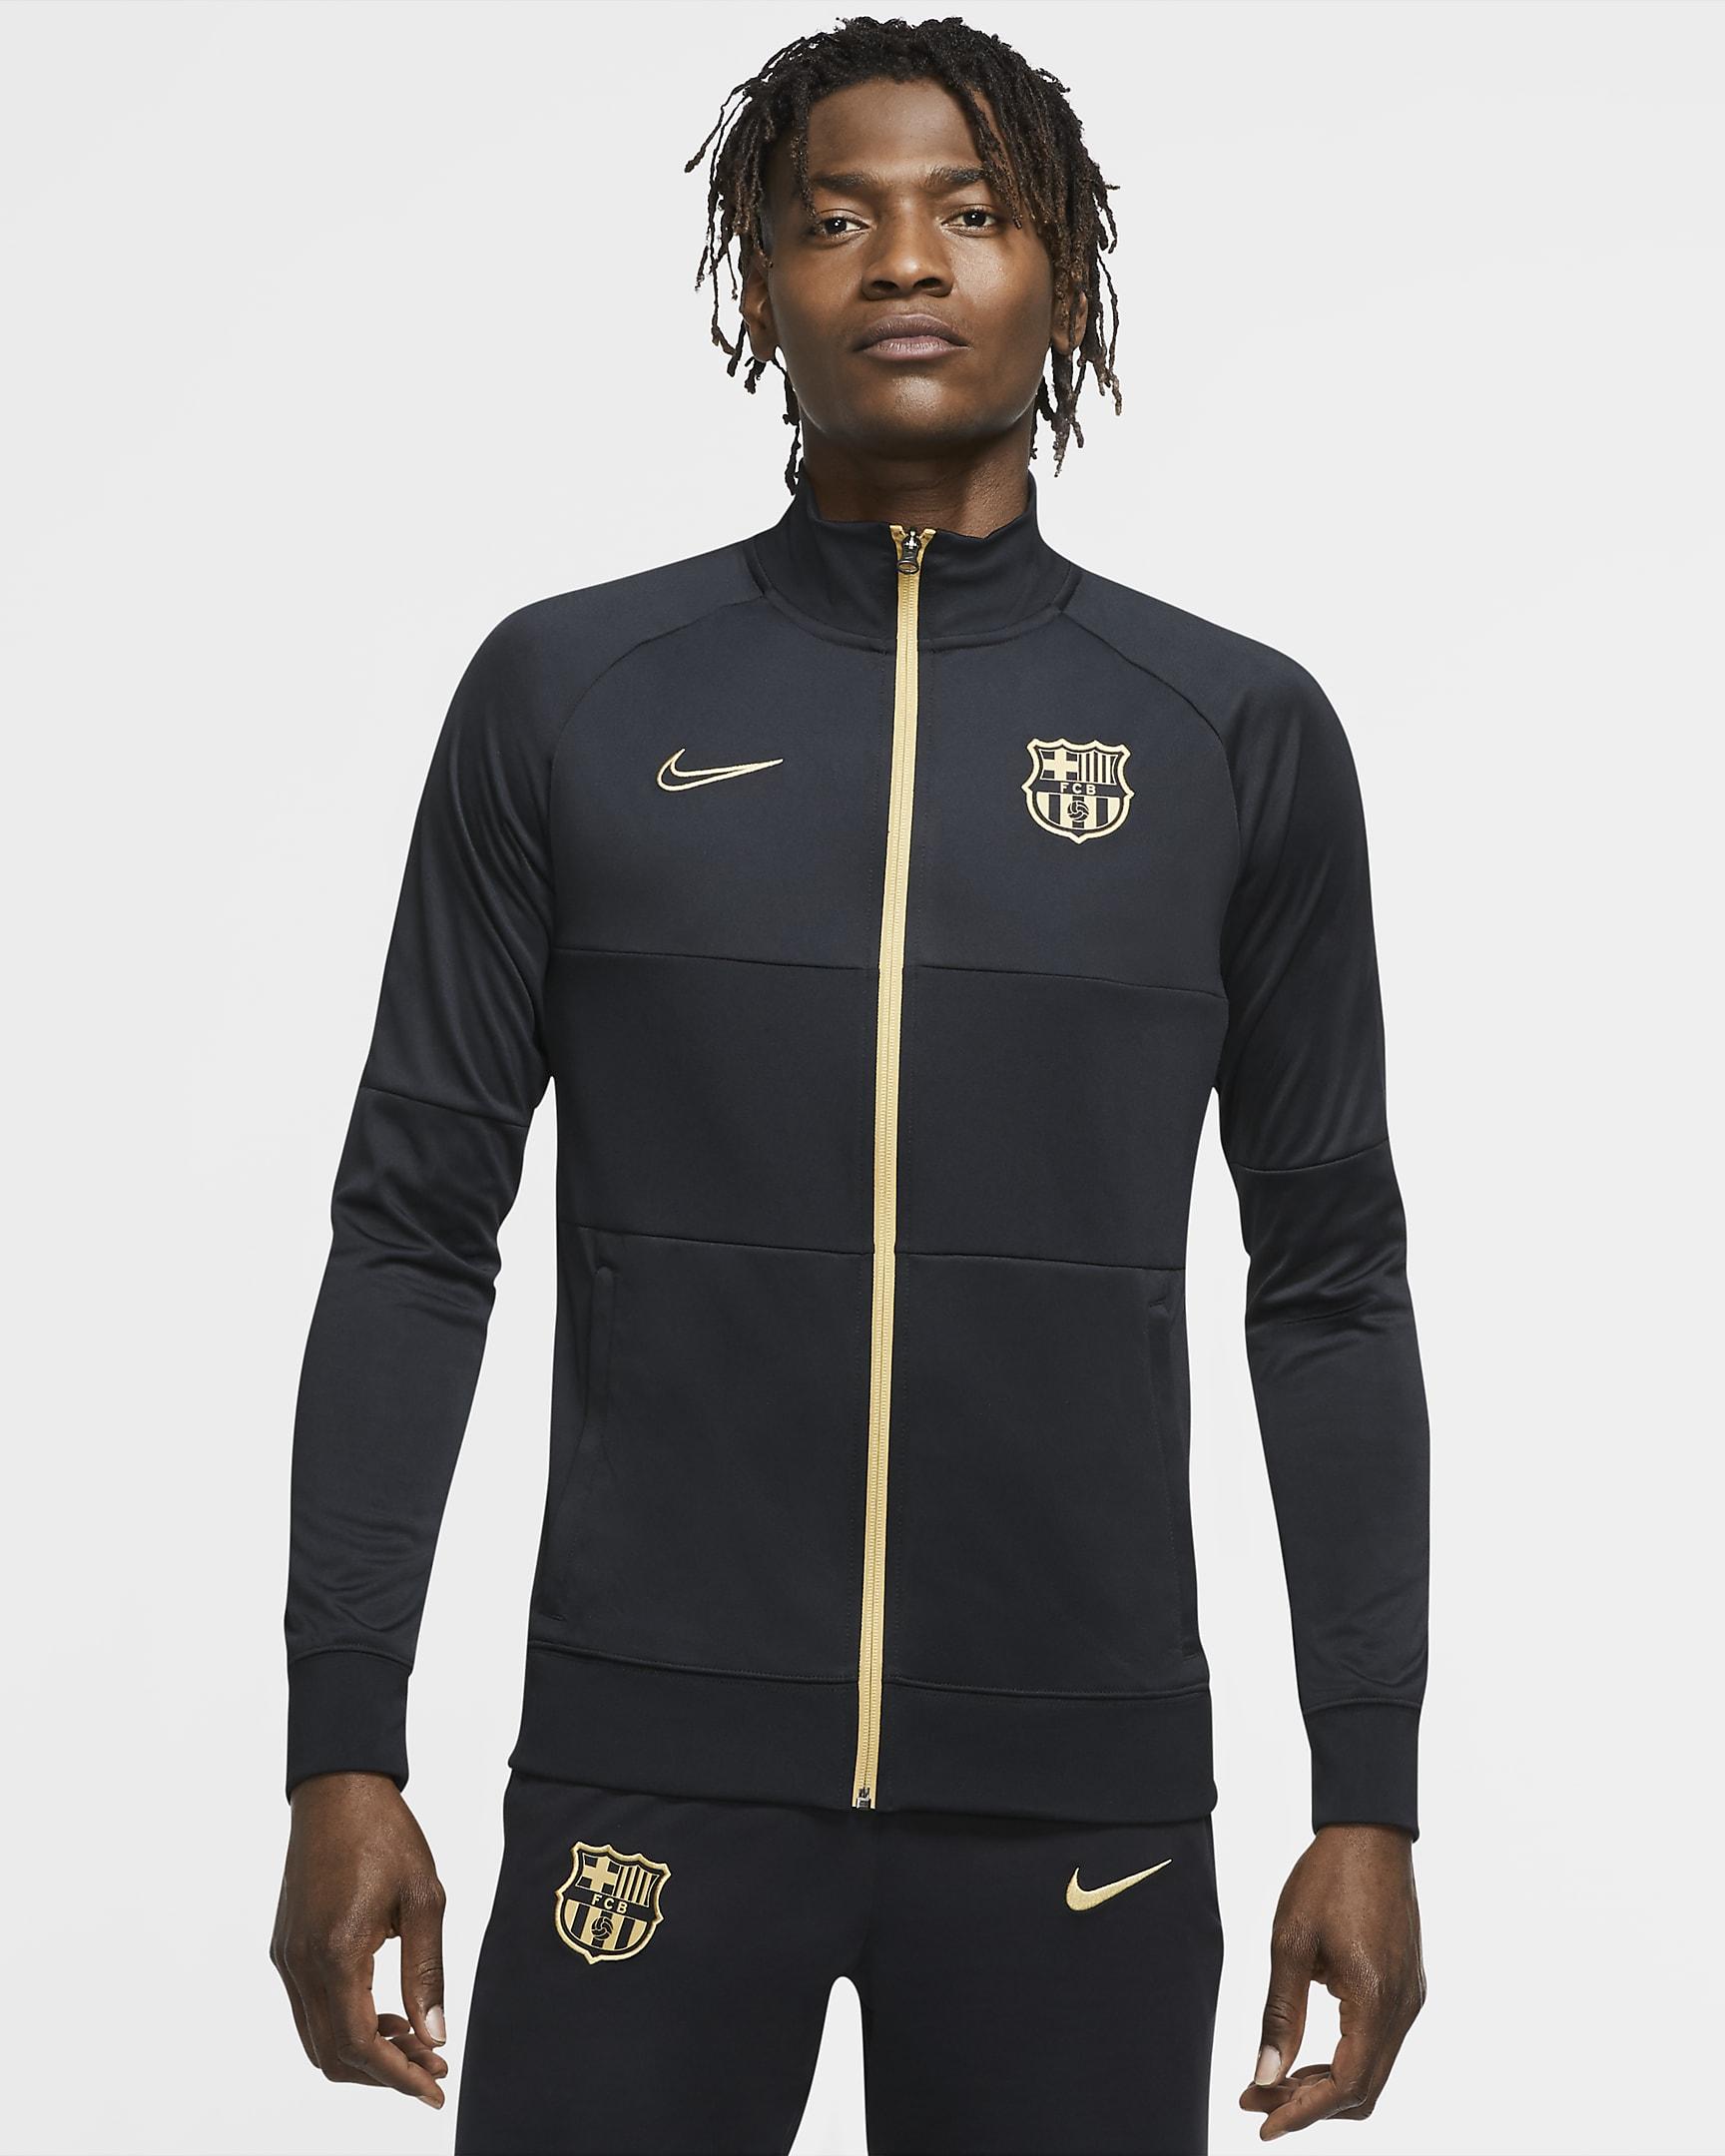 Voetbaltrainingsjack voor heren -FC Barcelona